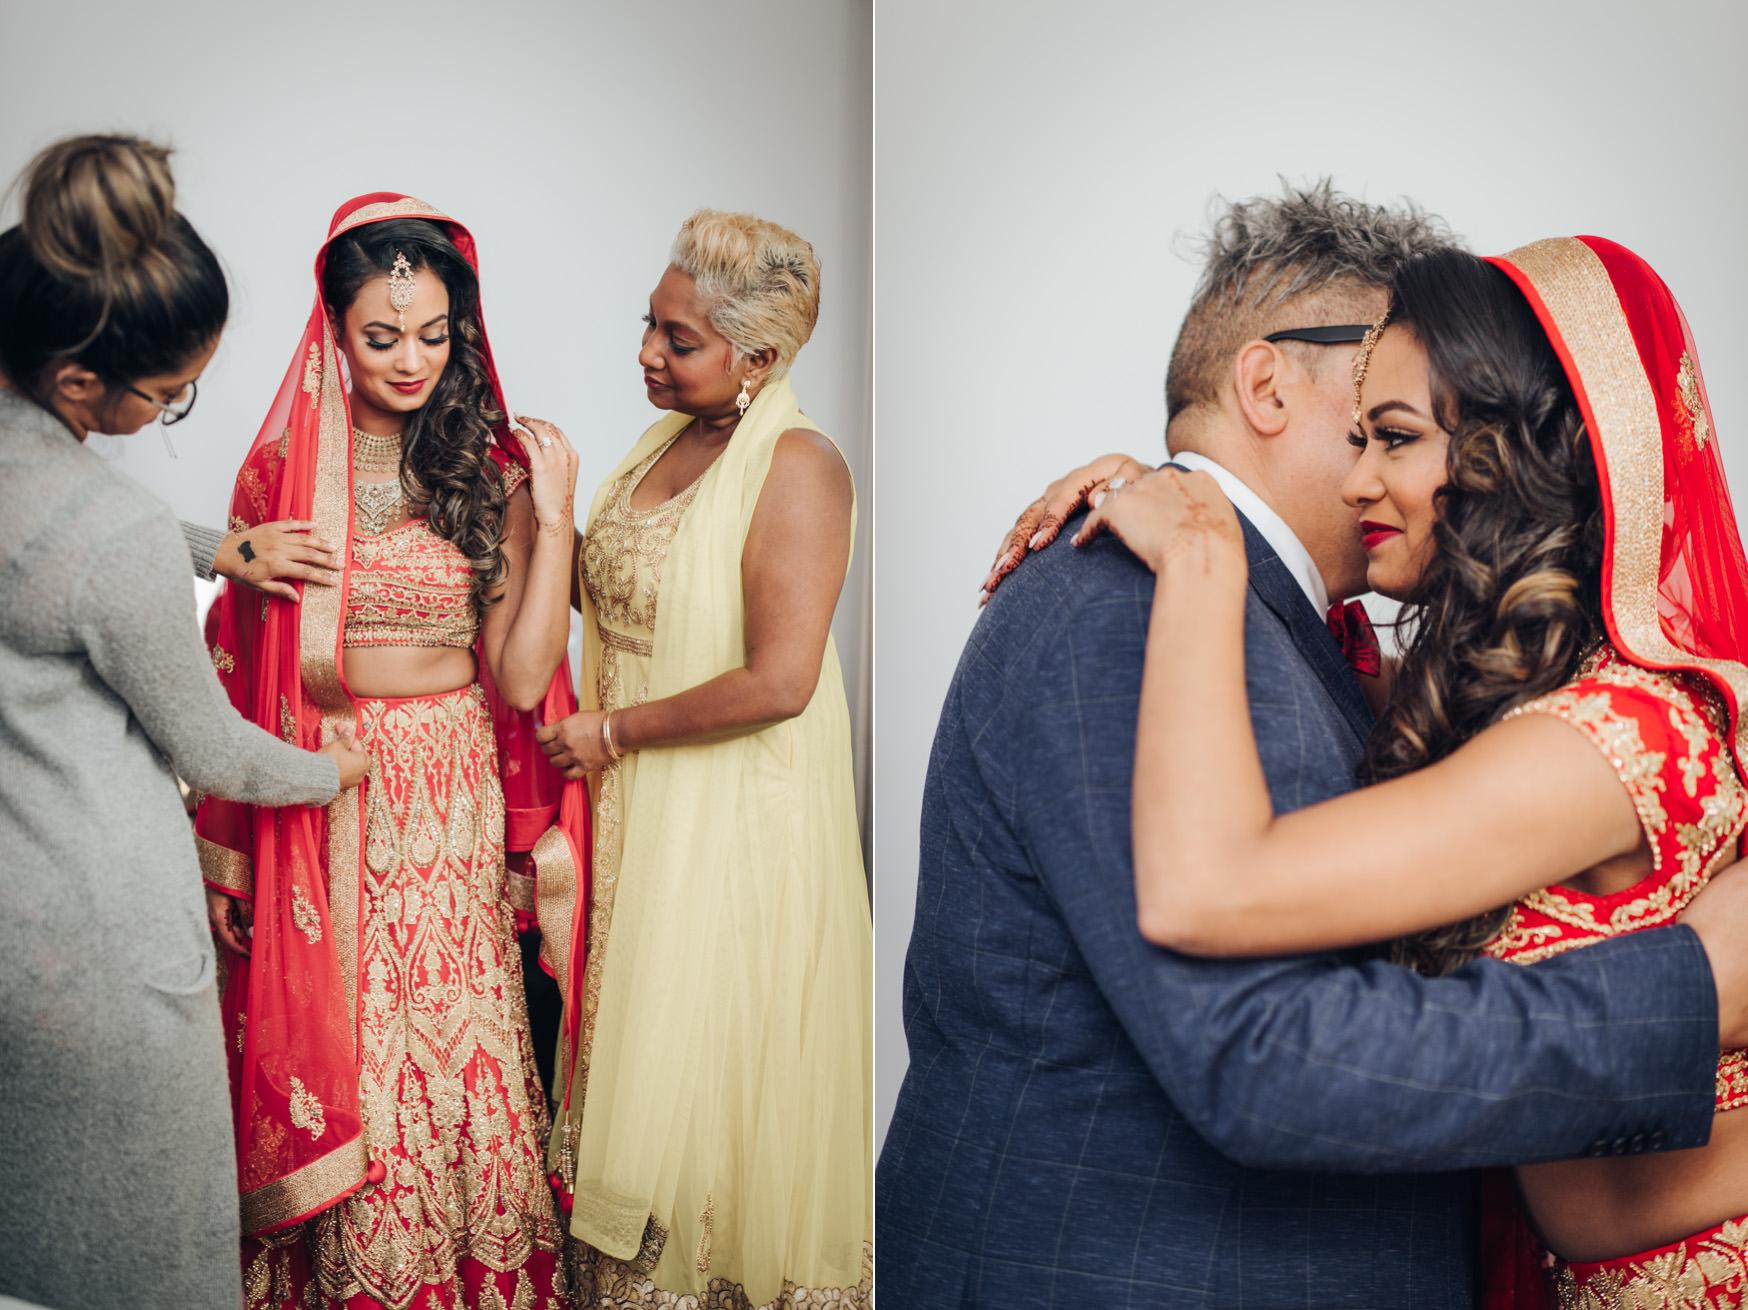 Hindu Wedding Getting ready in Toronto